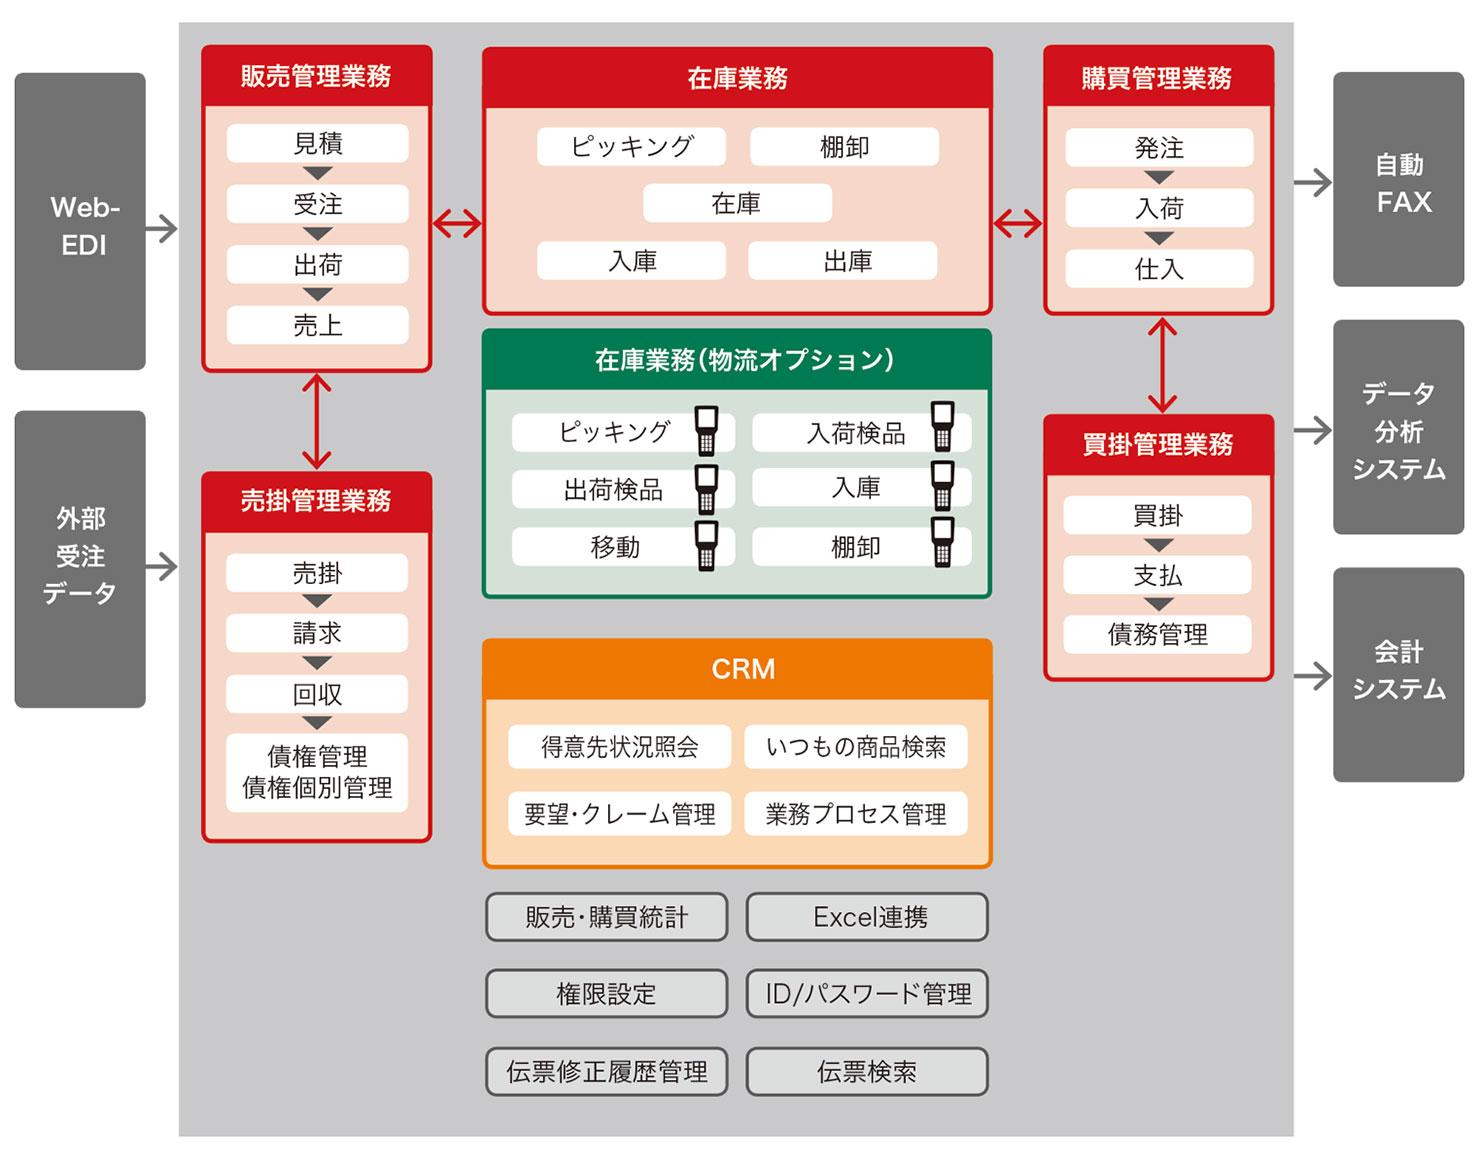 スーパーカクテルCore販売のシステム構成